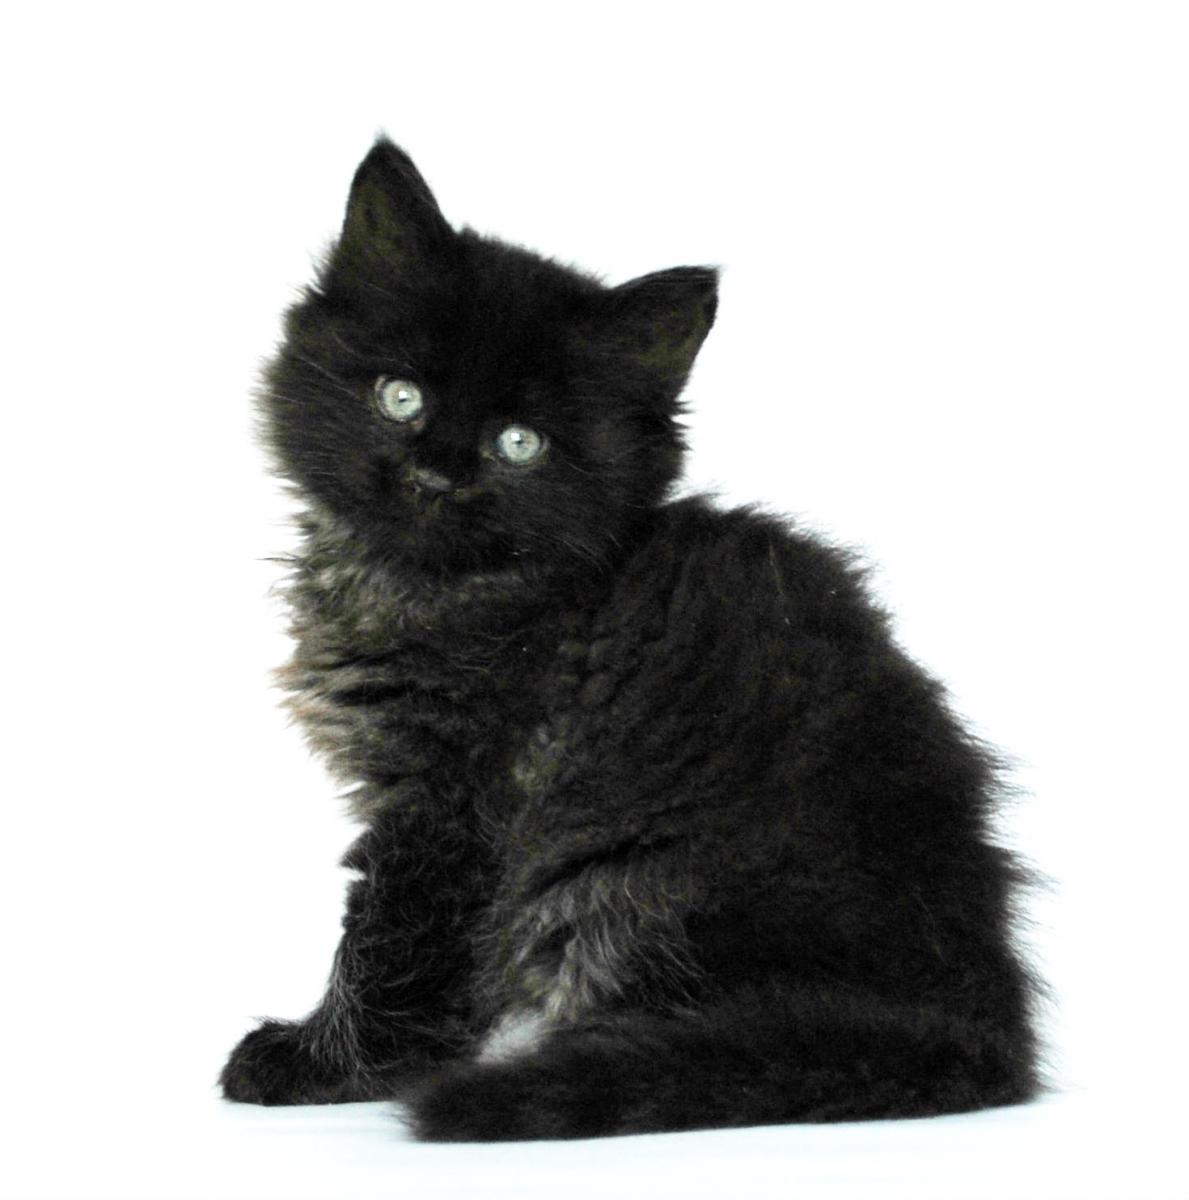 картинки сибирских котов черного окраса камень желтого